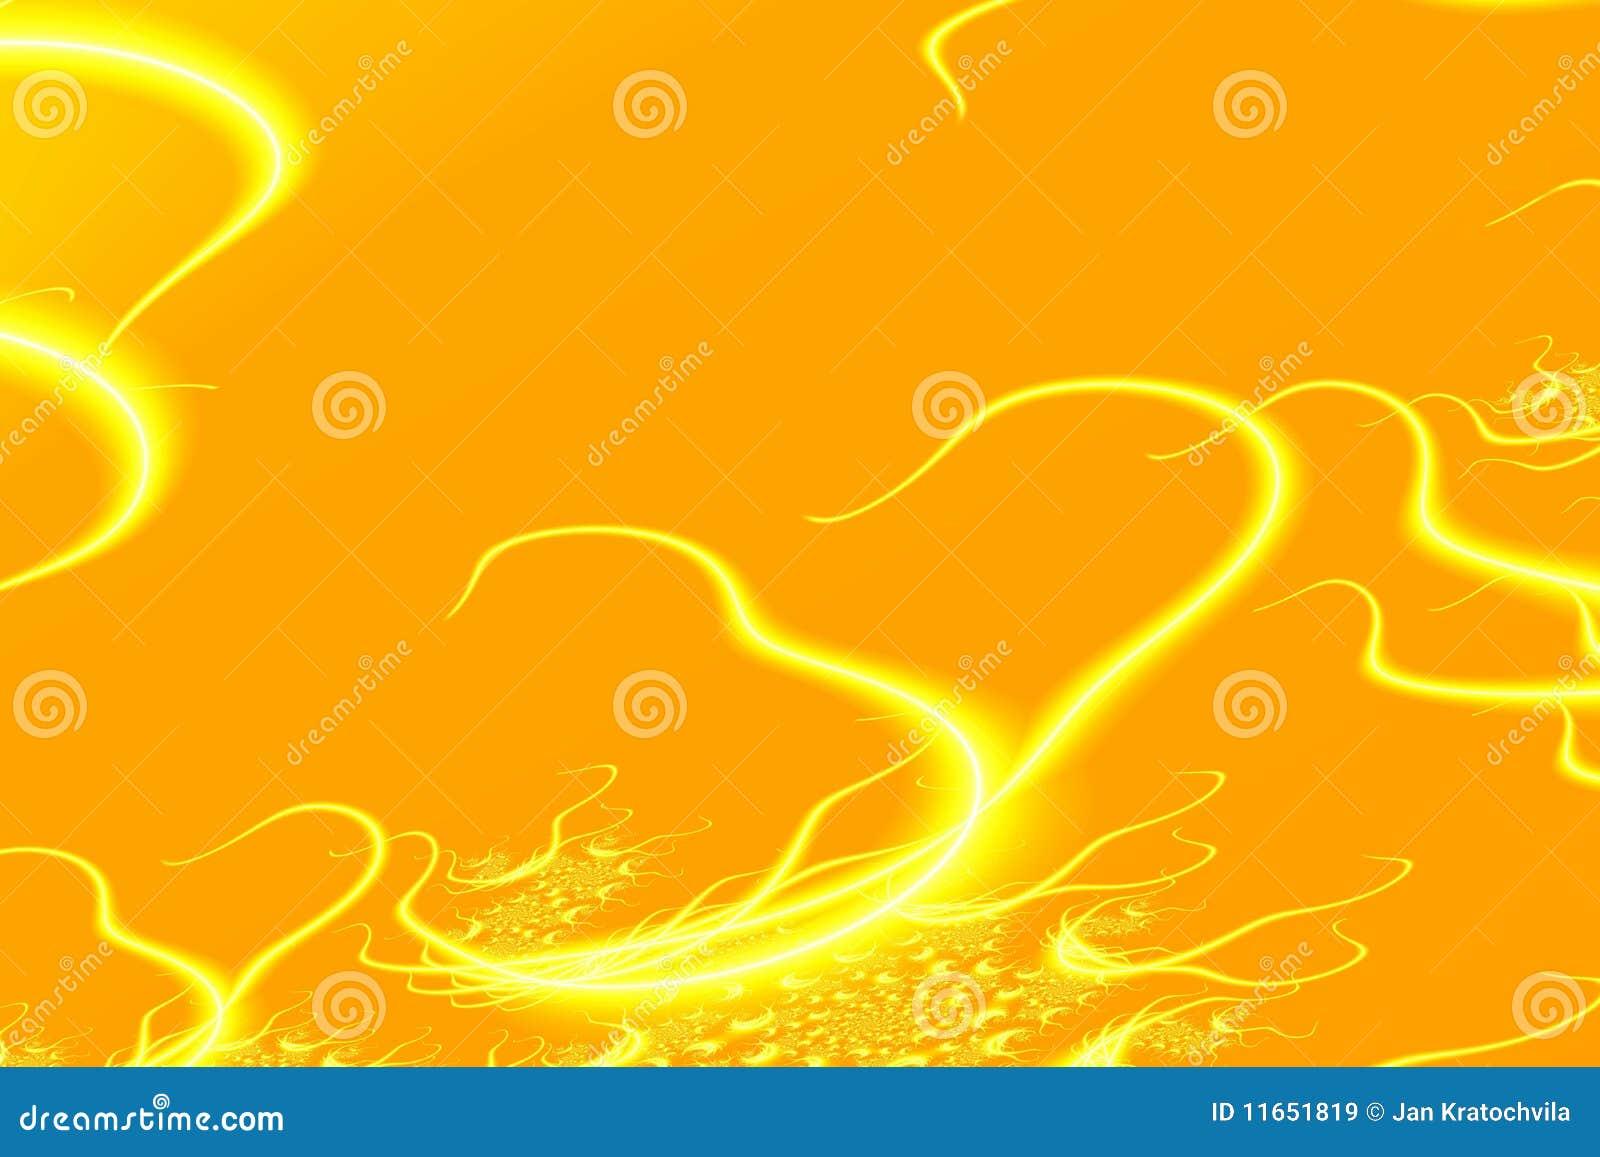 Fond jaune abstrait avec des coeurs